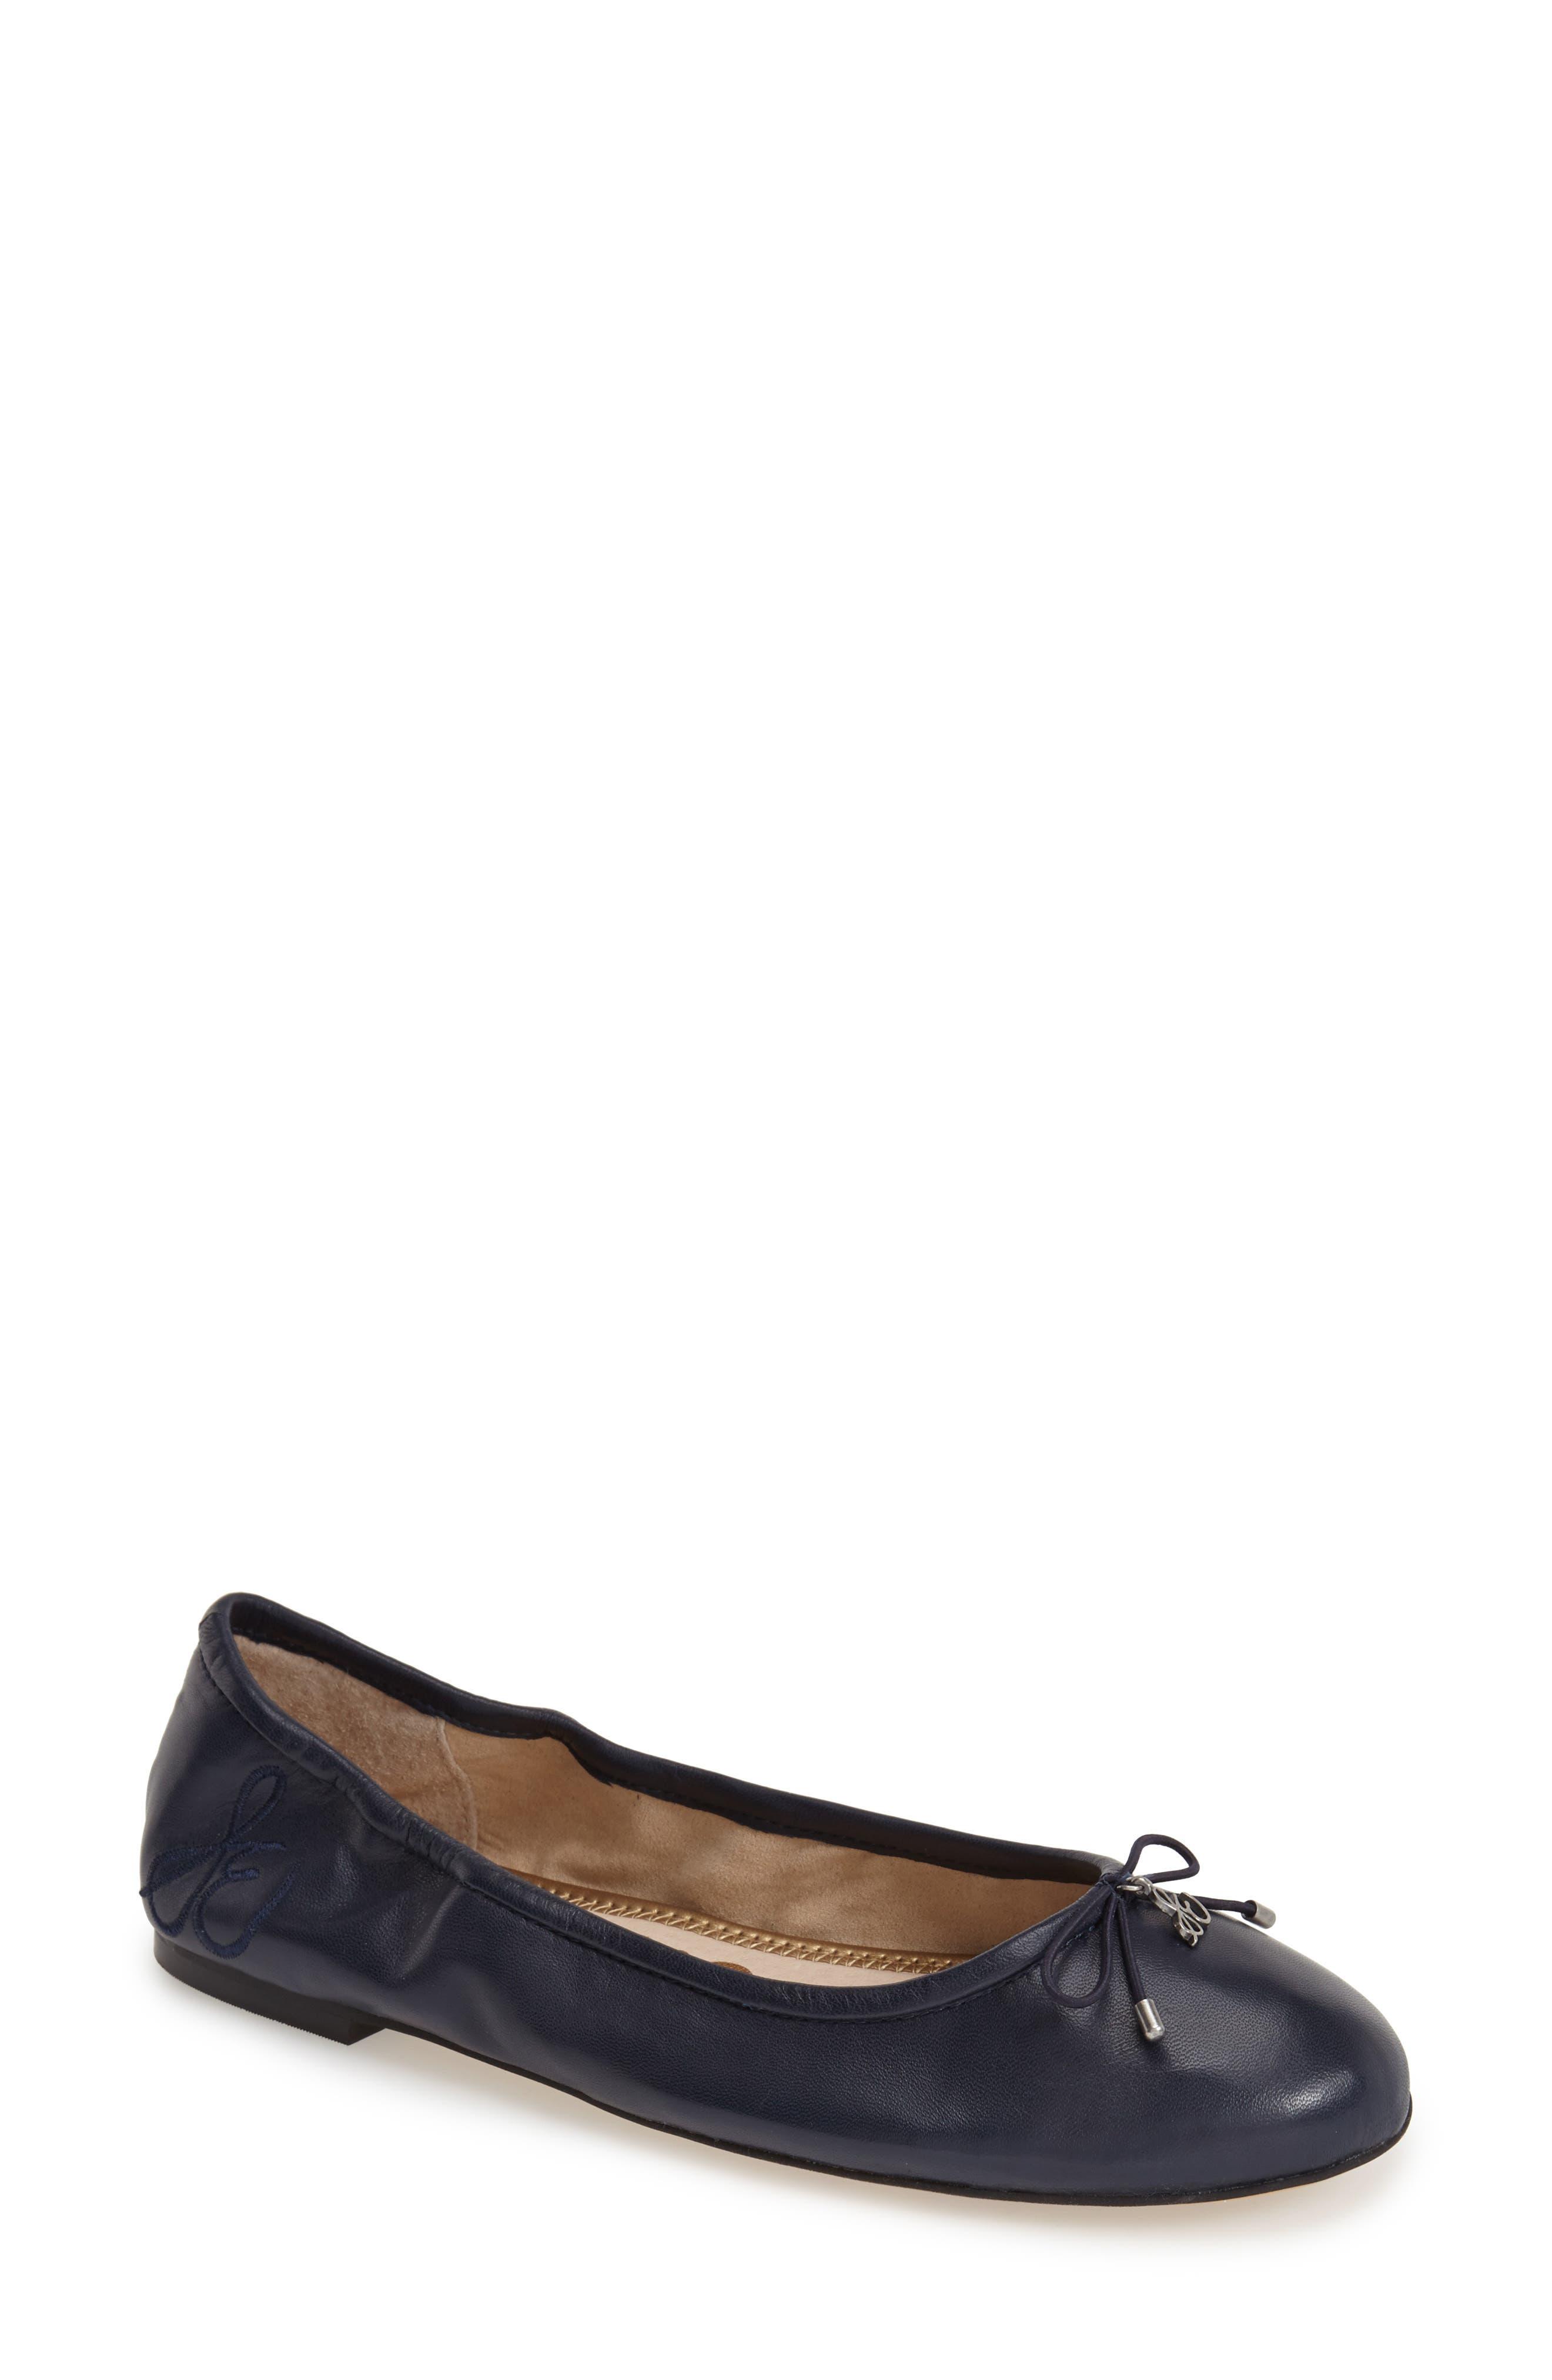 dafa69073 Women s Narrow Shoes